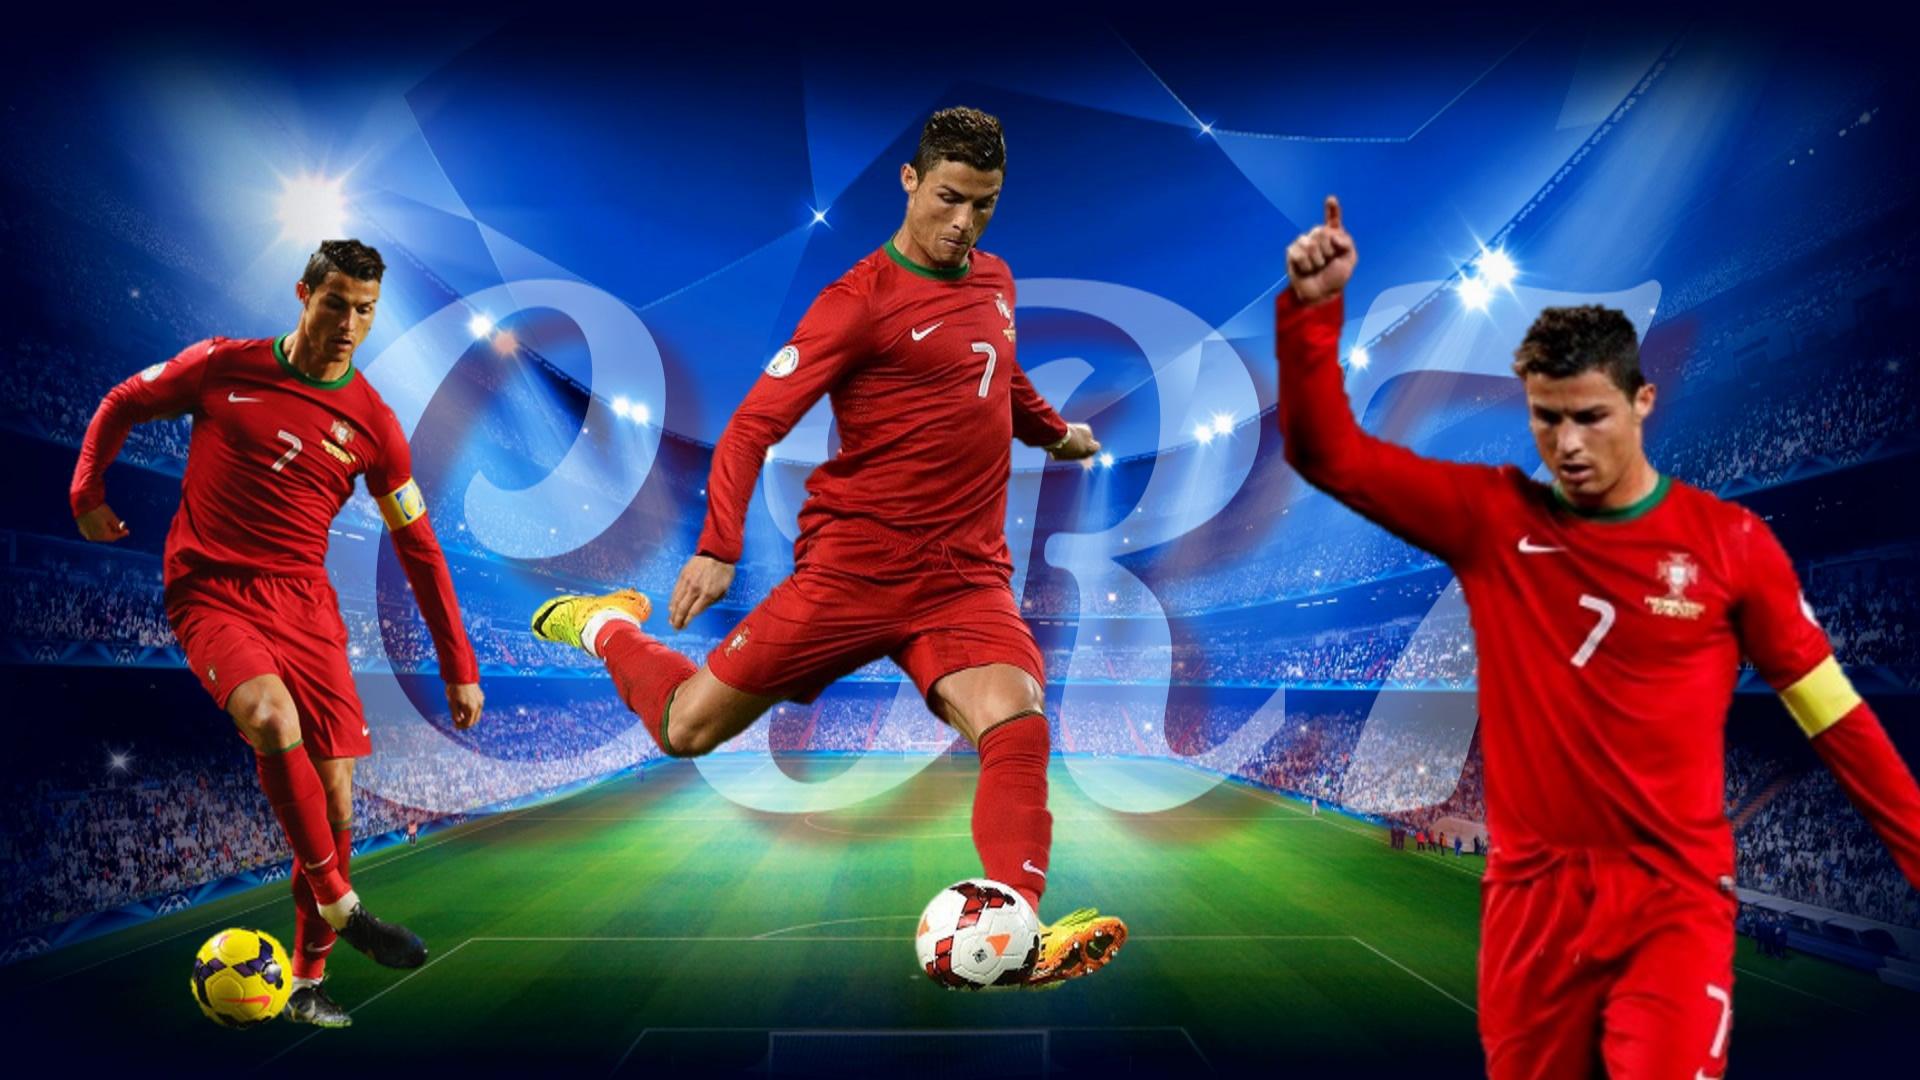 Cristiano Ronaldo 2014 Wallpaper